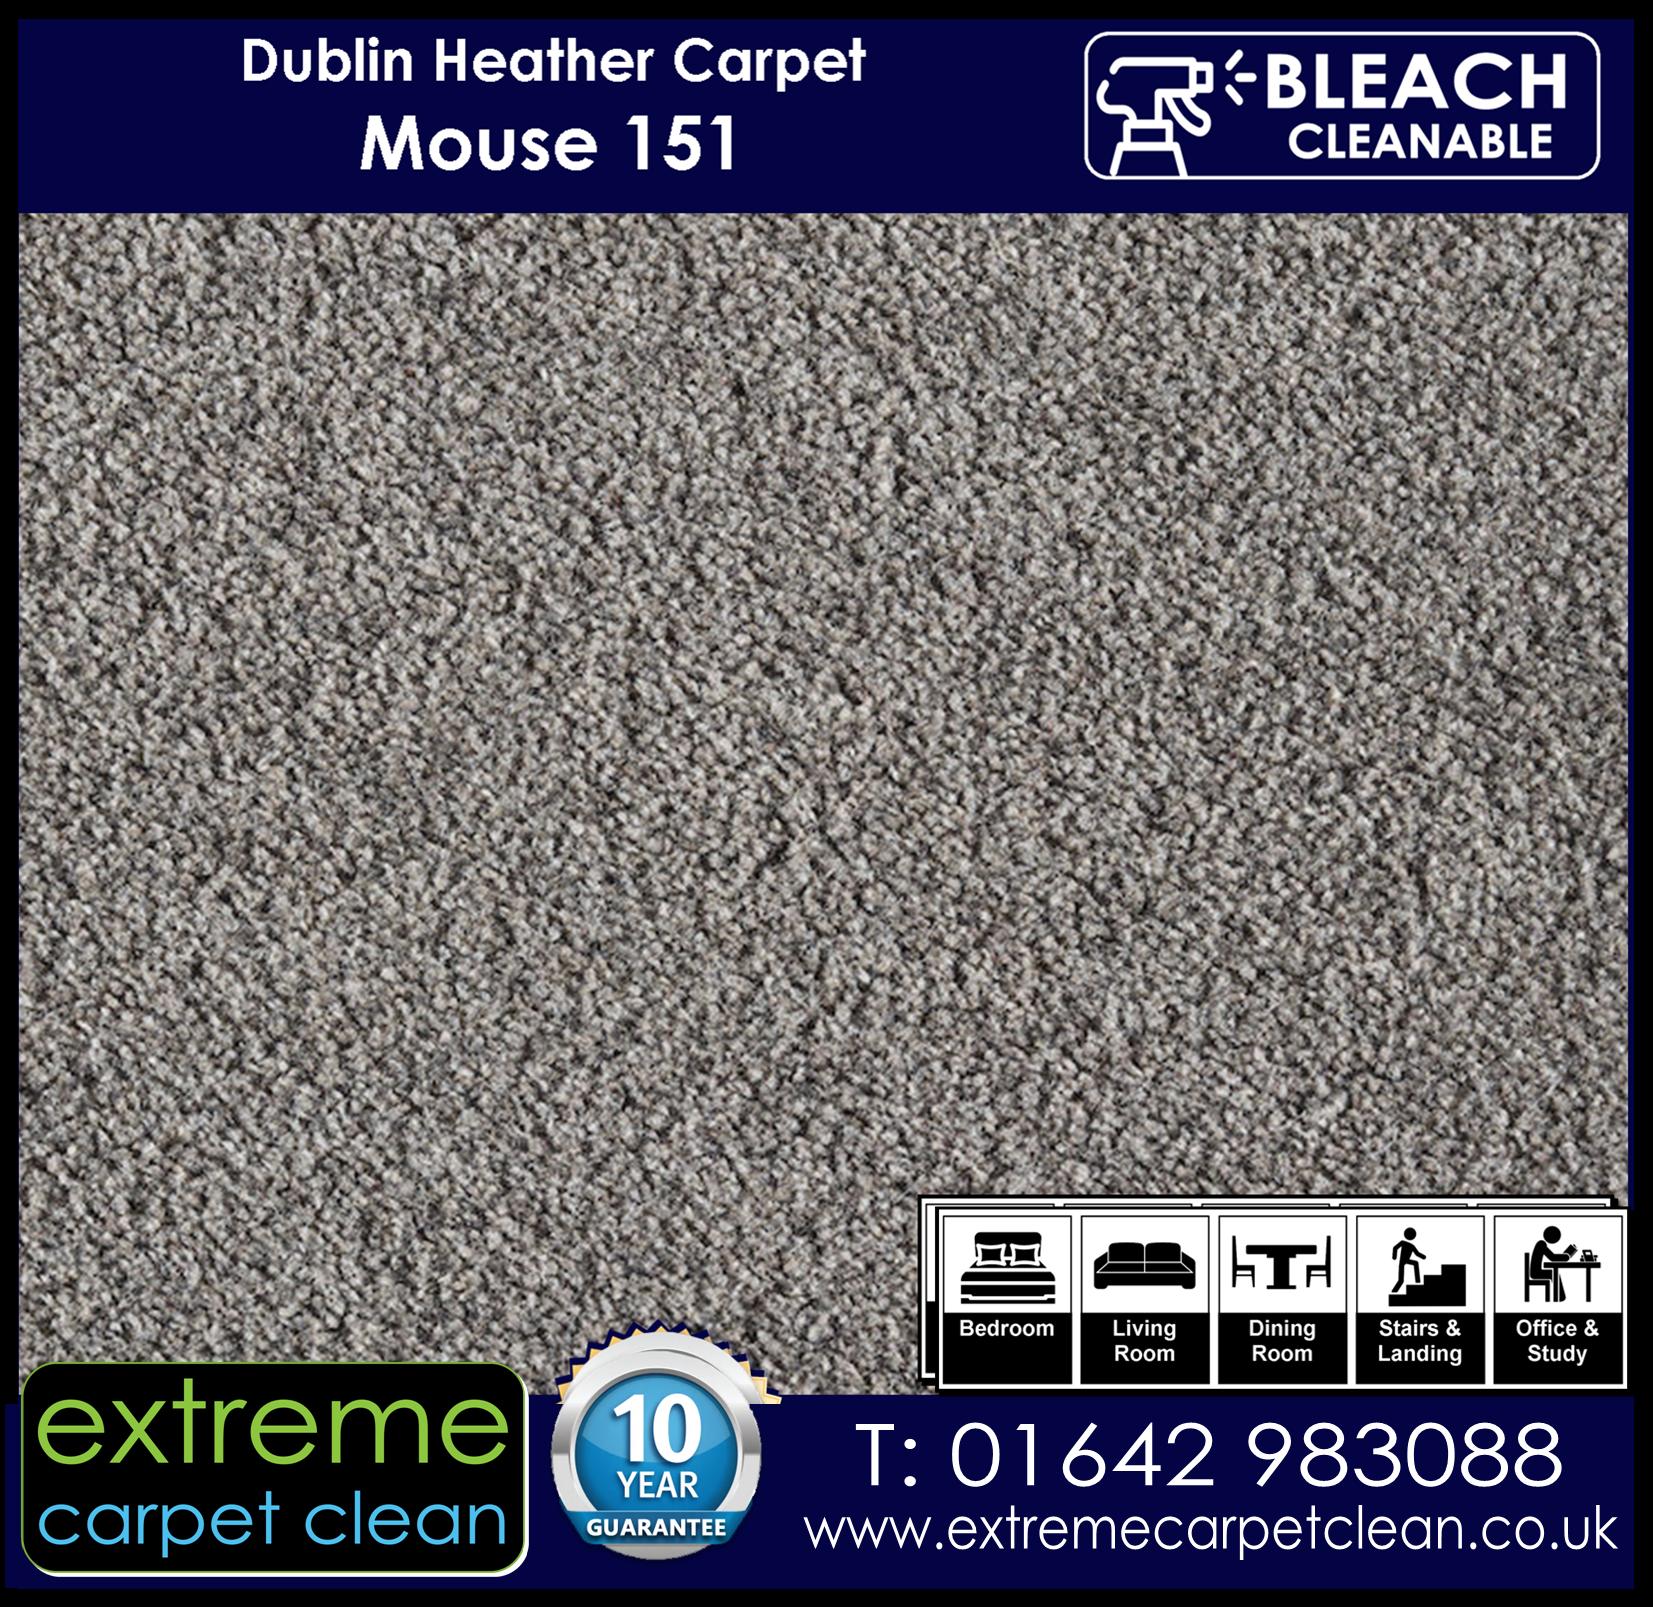 Dublin Heather Carpet Range. Mouse 151 Extreme Carpet Clean